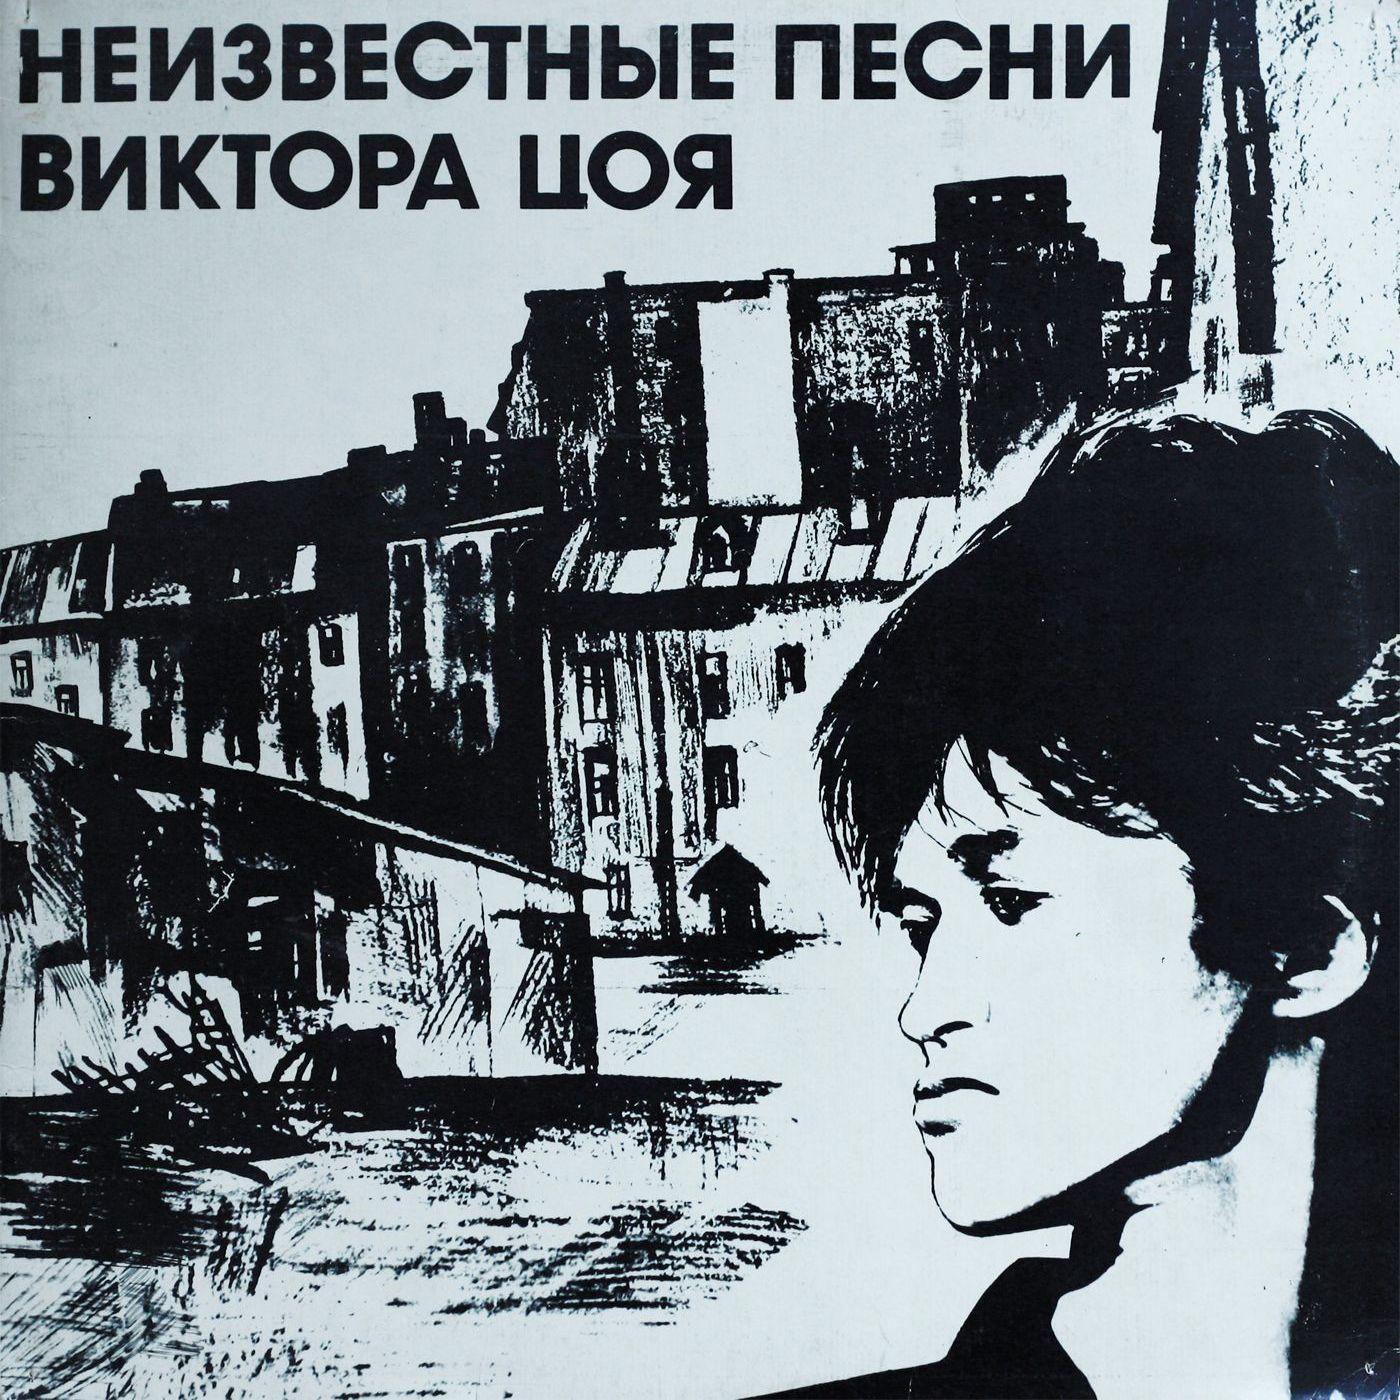 Виктор цой неизвестные песни 1996